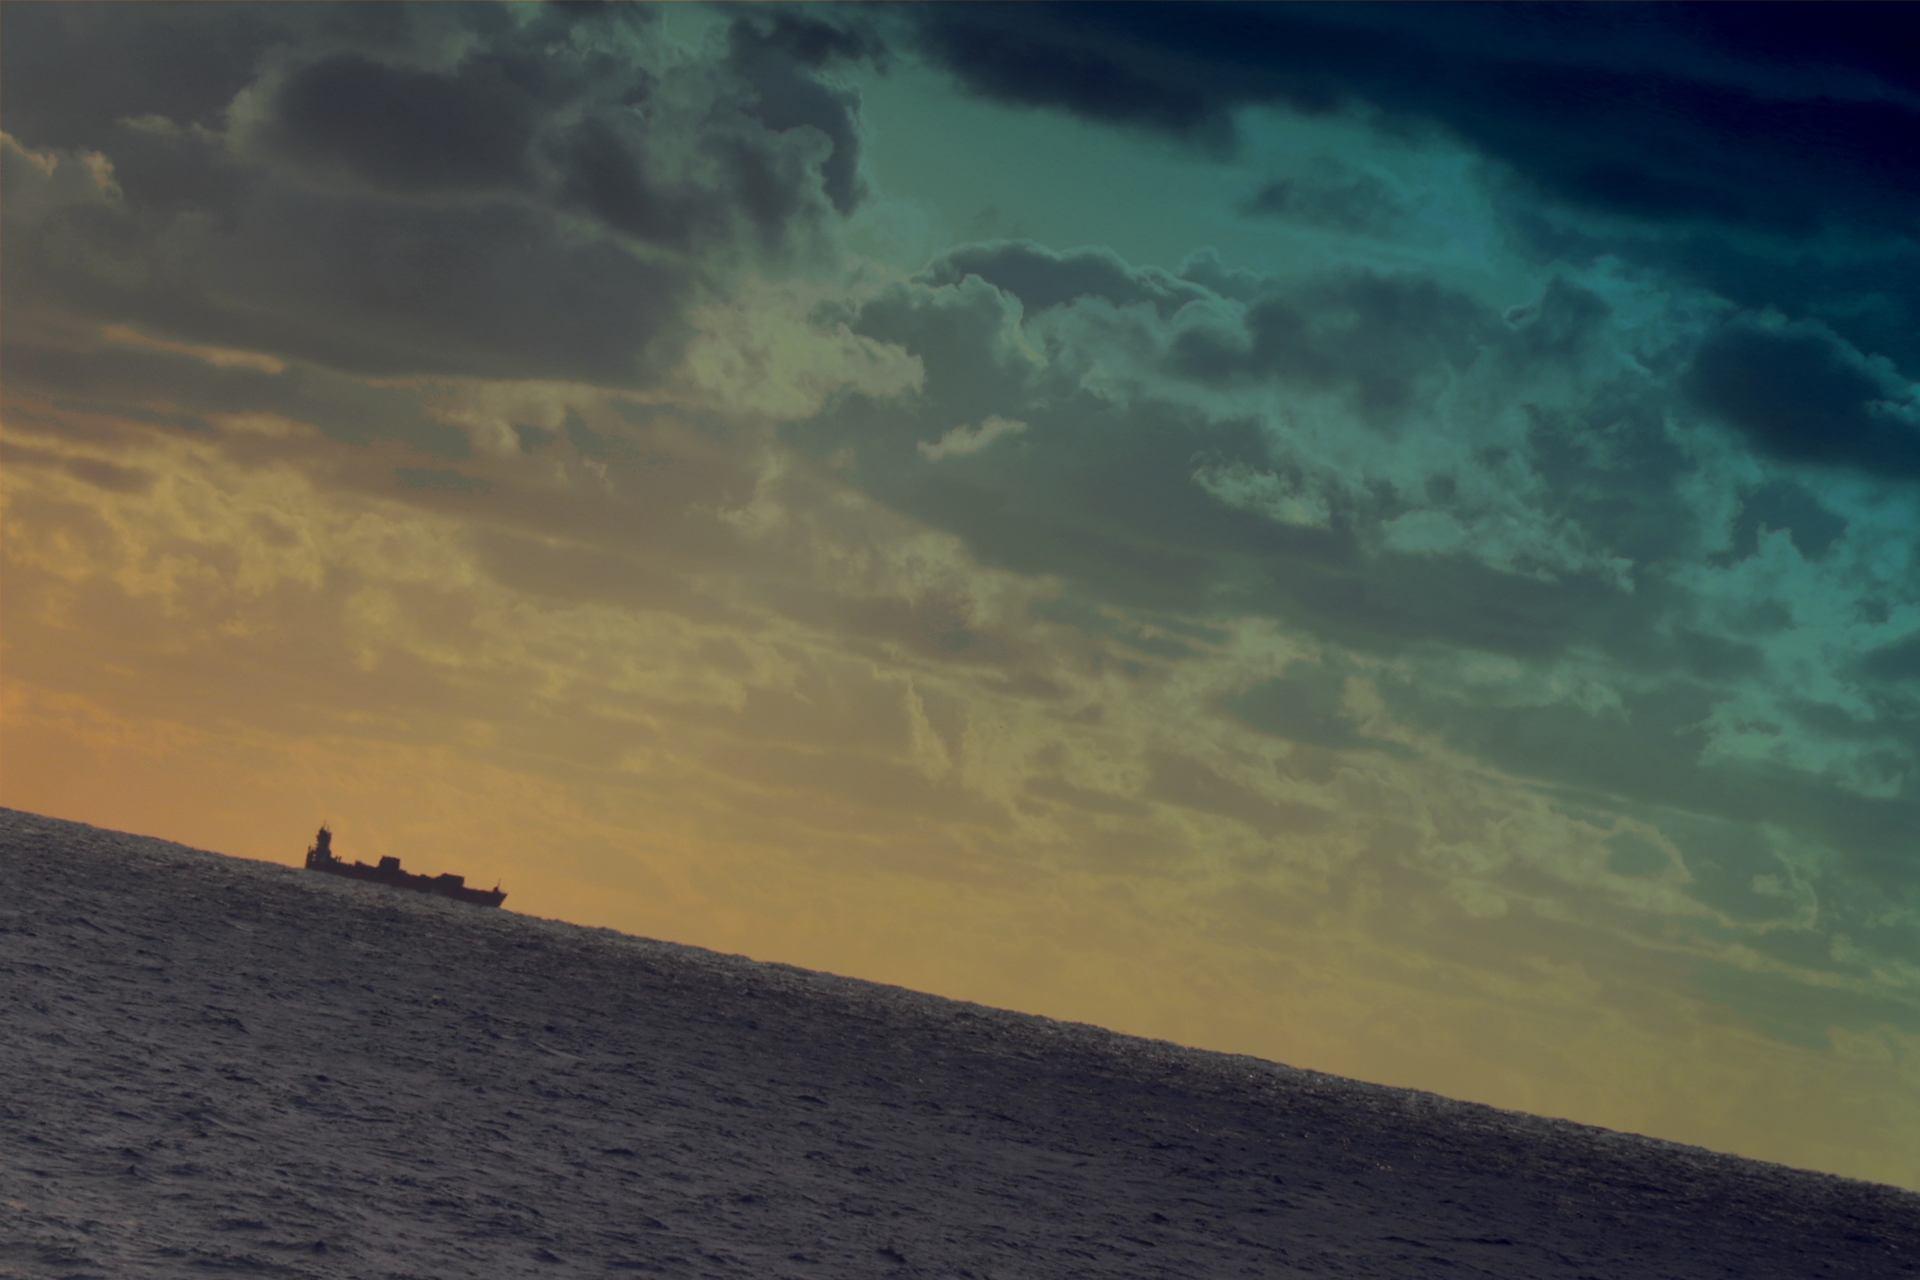 Pour faire descendre les bateaux, il suffit de pencher l'océan